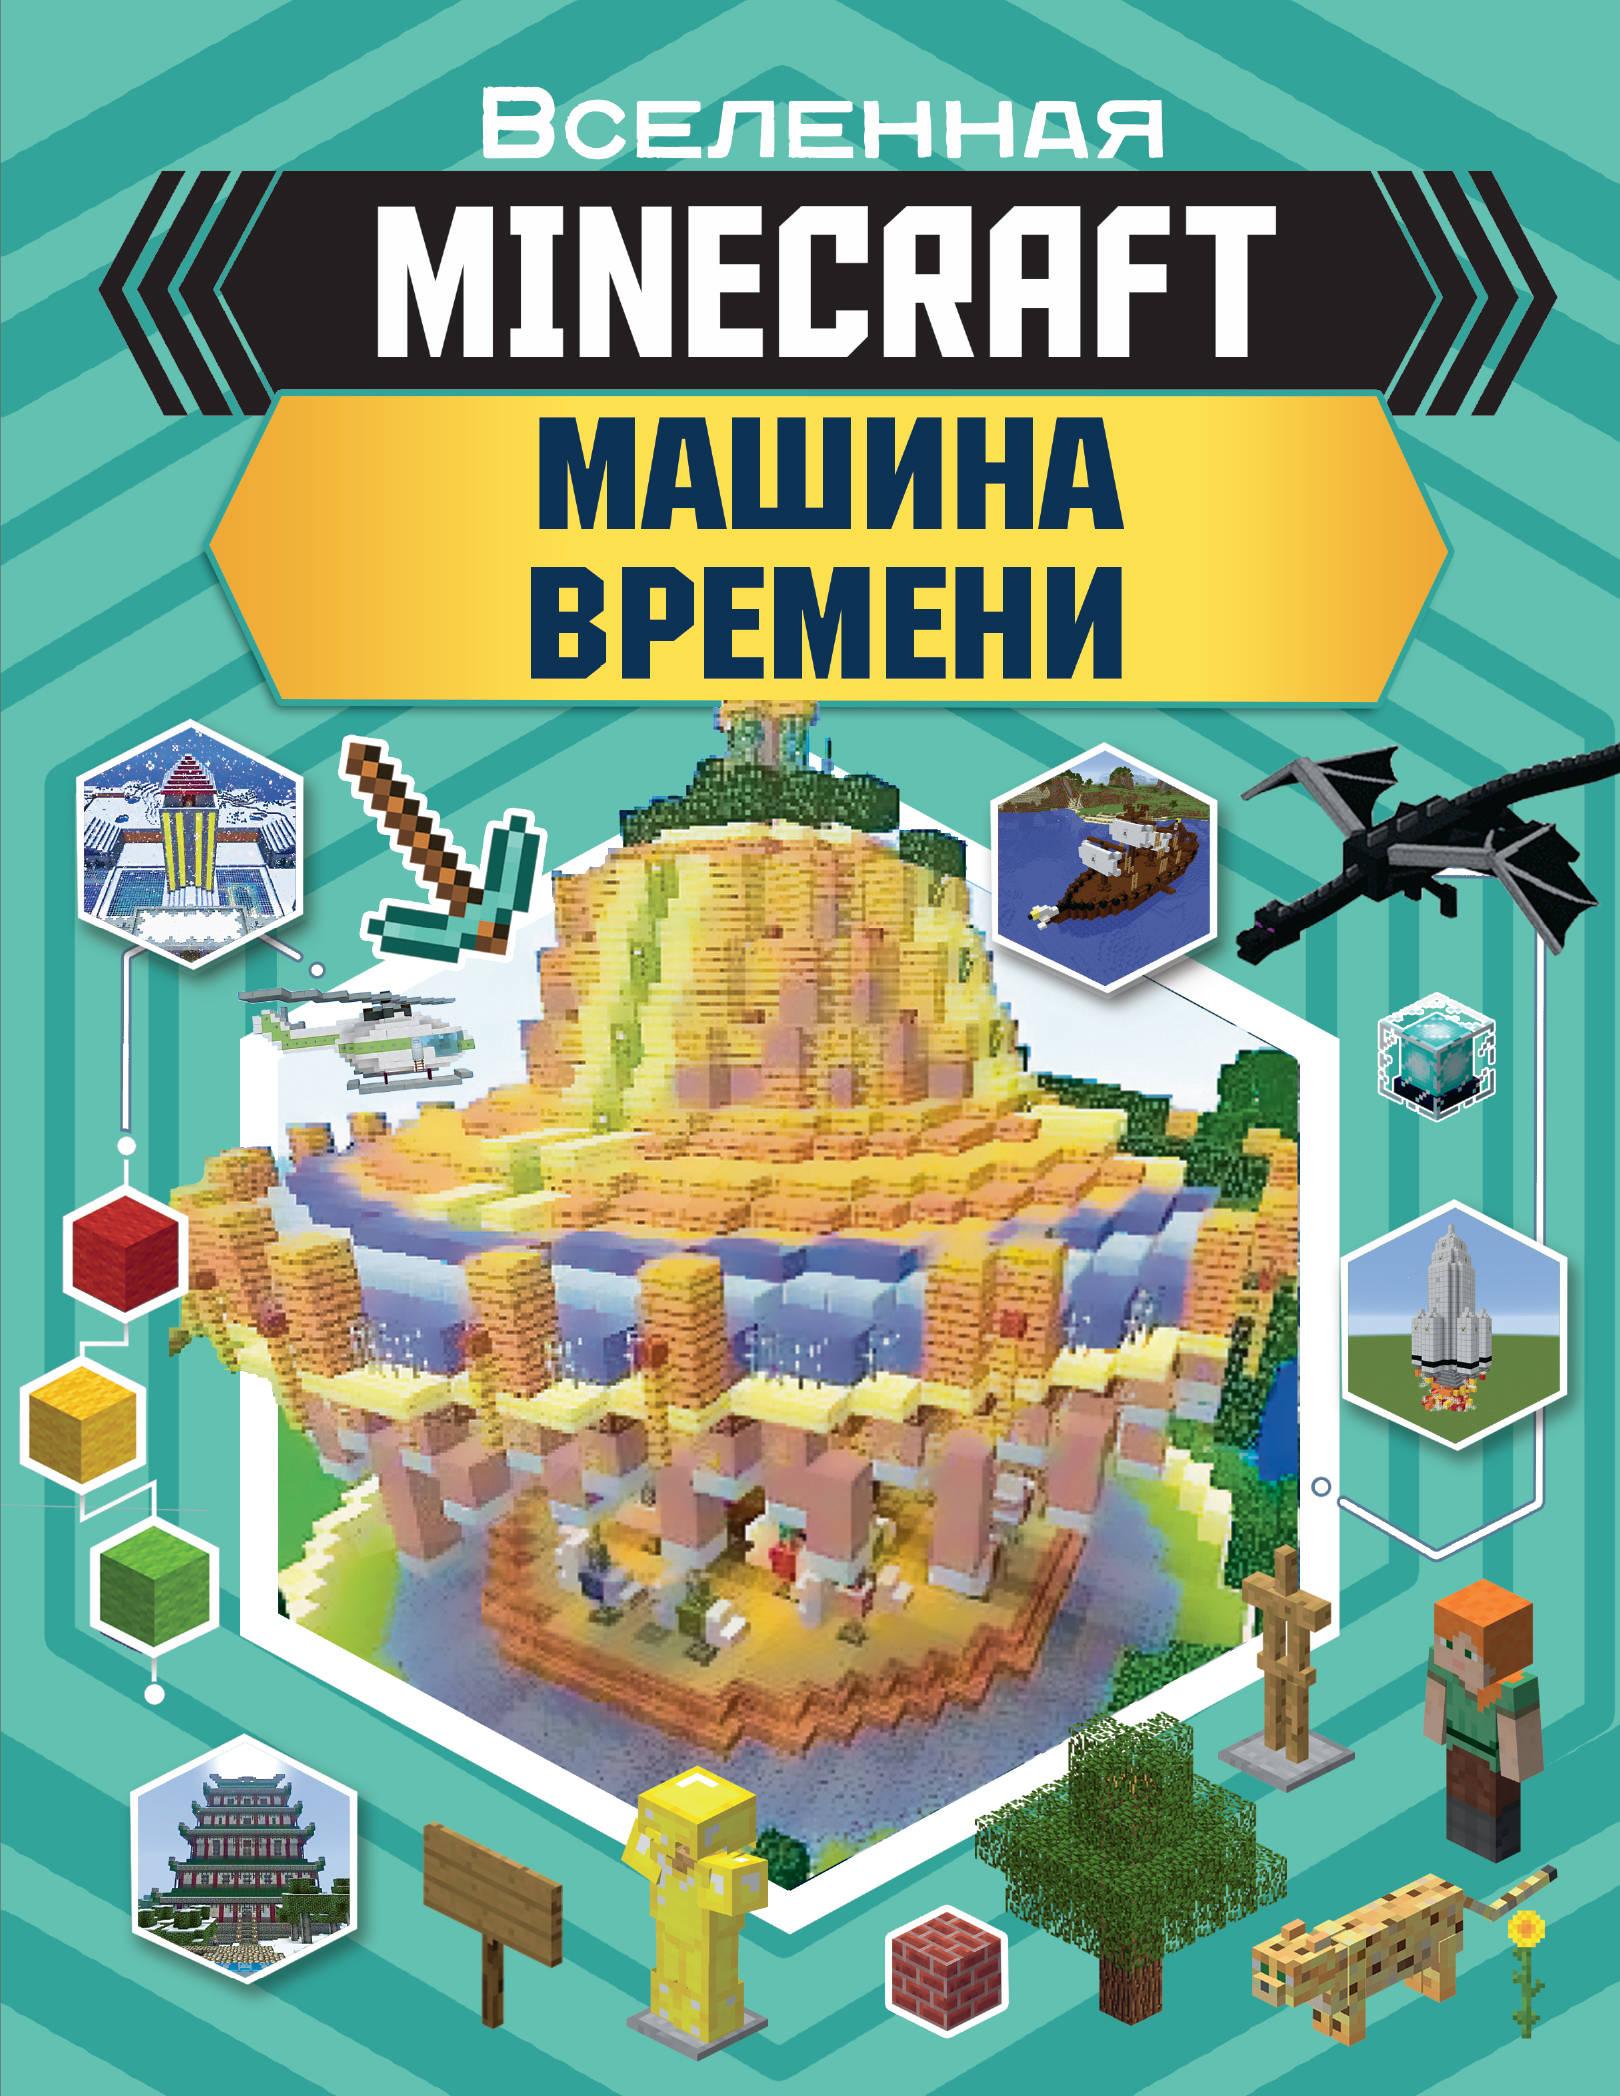 Minecraft: Машина времени